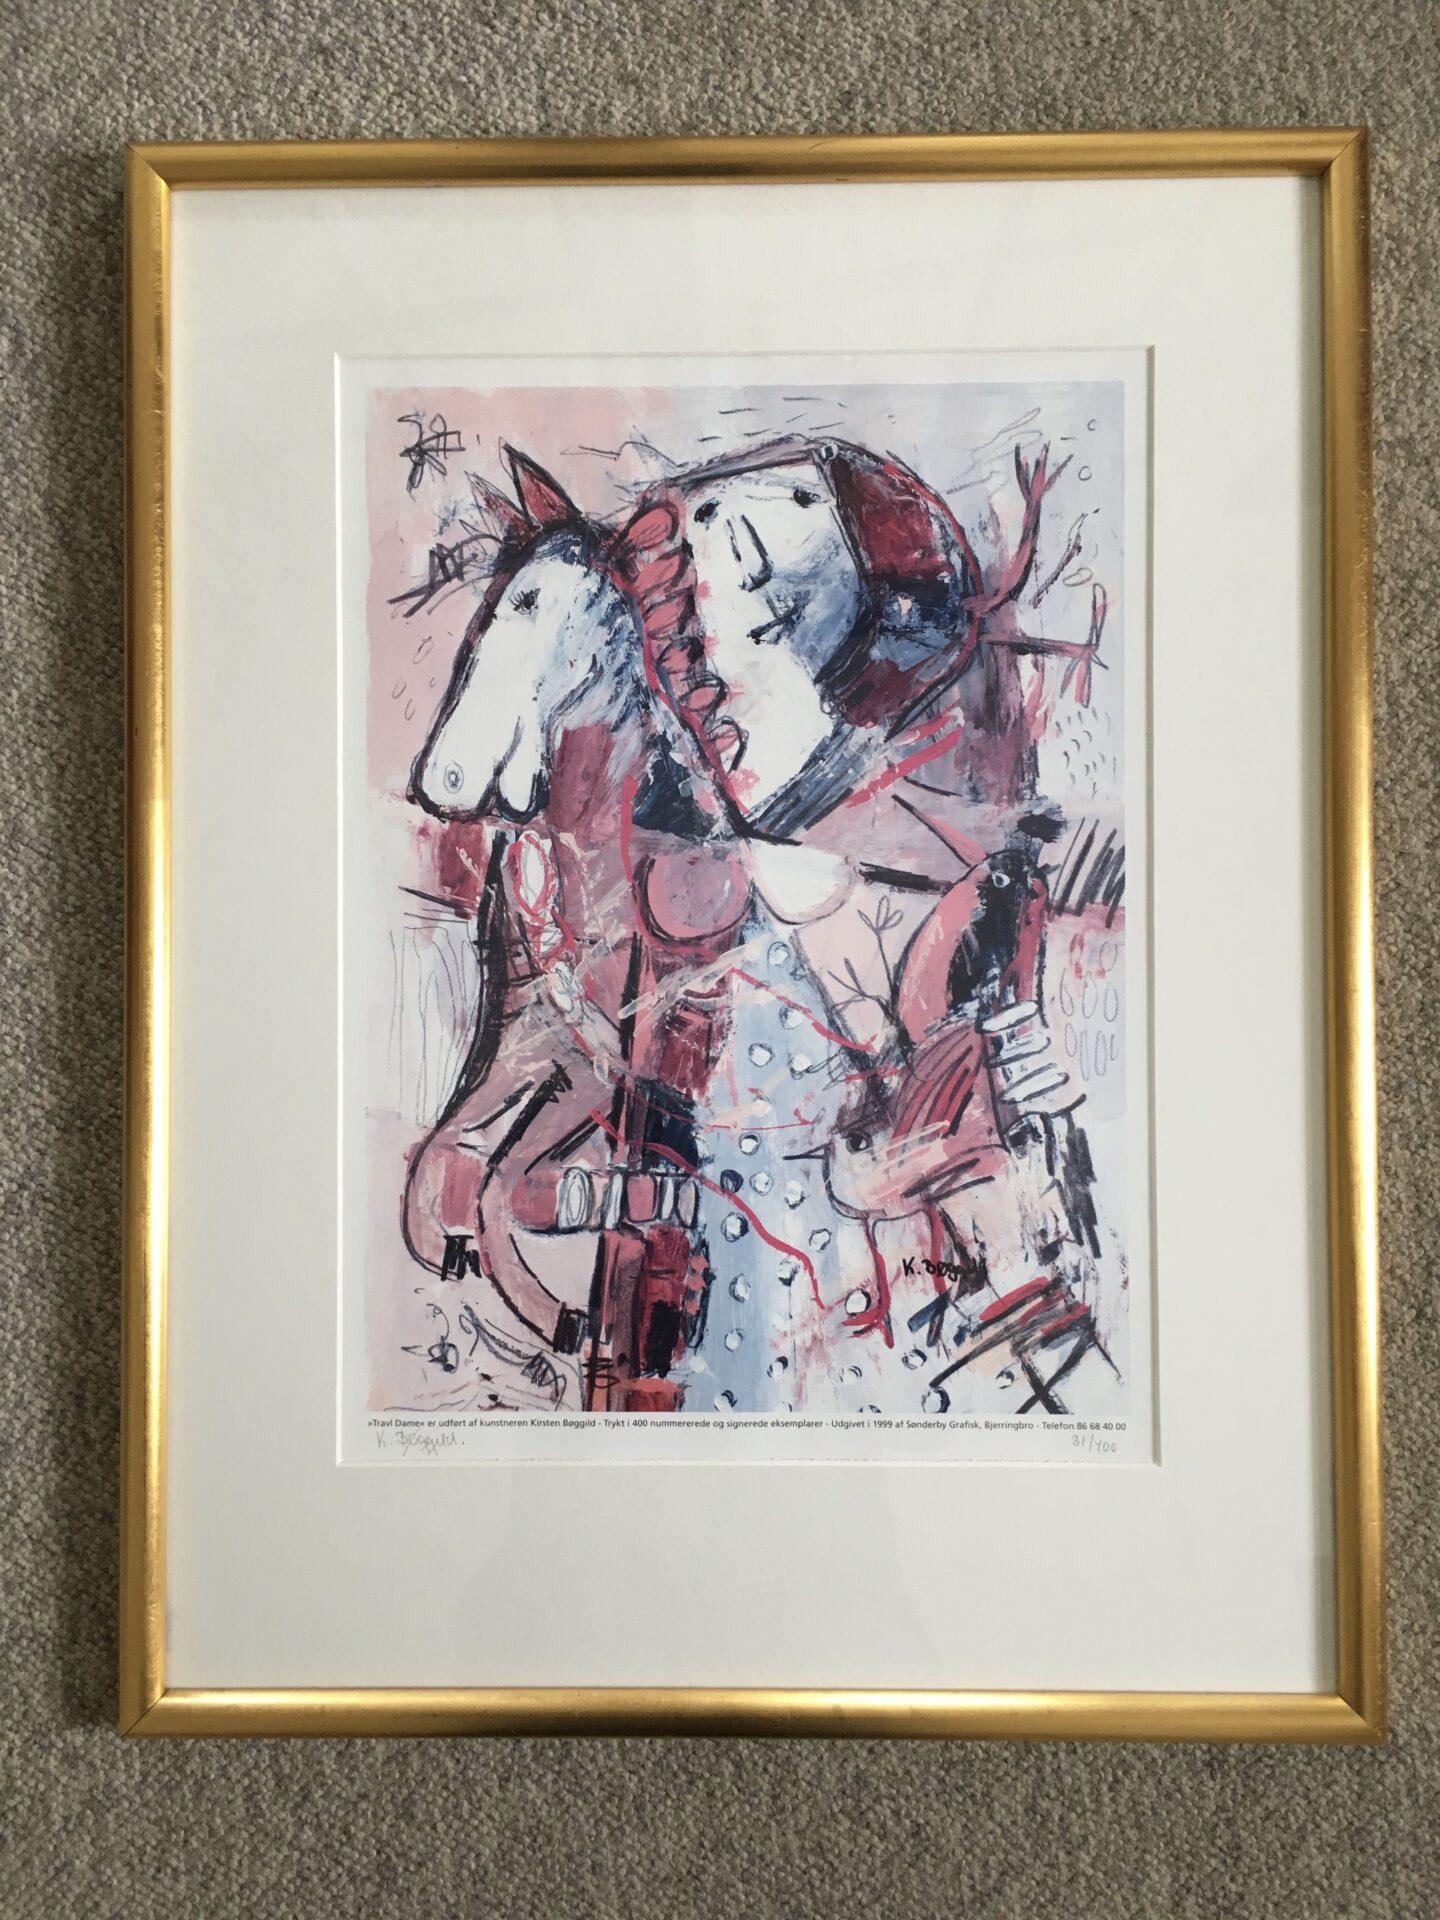 Kirsten Bøggild, kunsttryk, nr. 31/40, signeret i 99, flot indrammet (63x47 cm) Pris 400kr